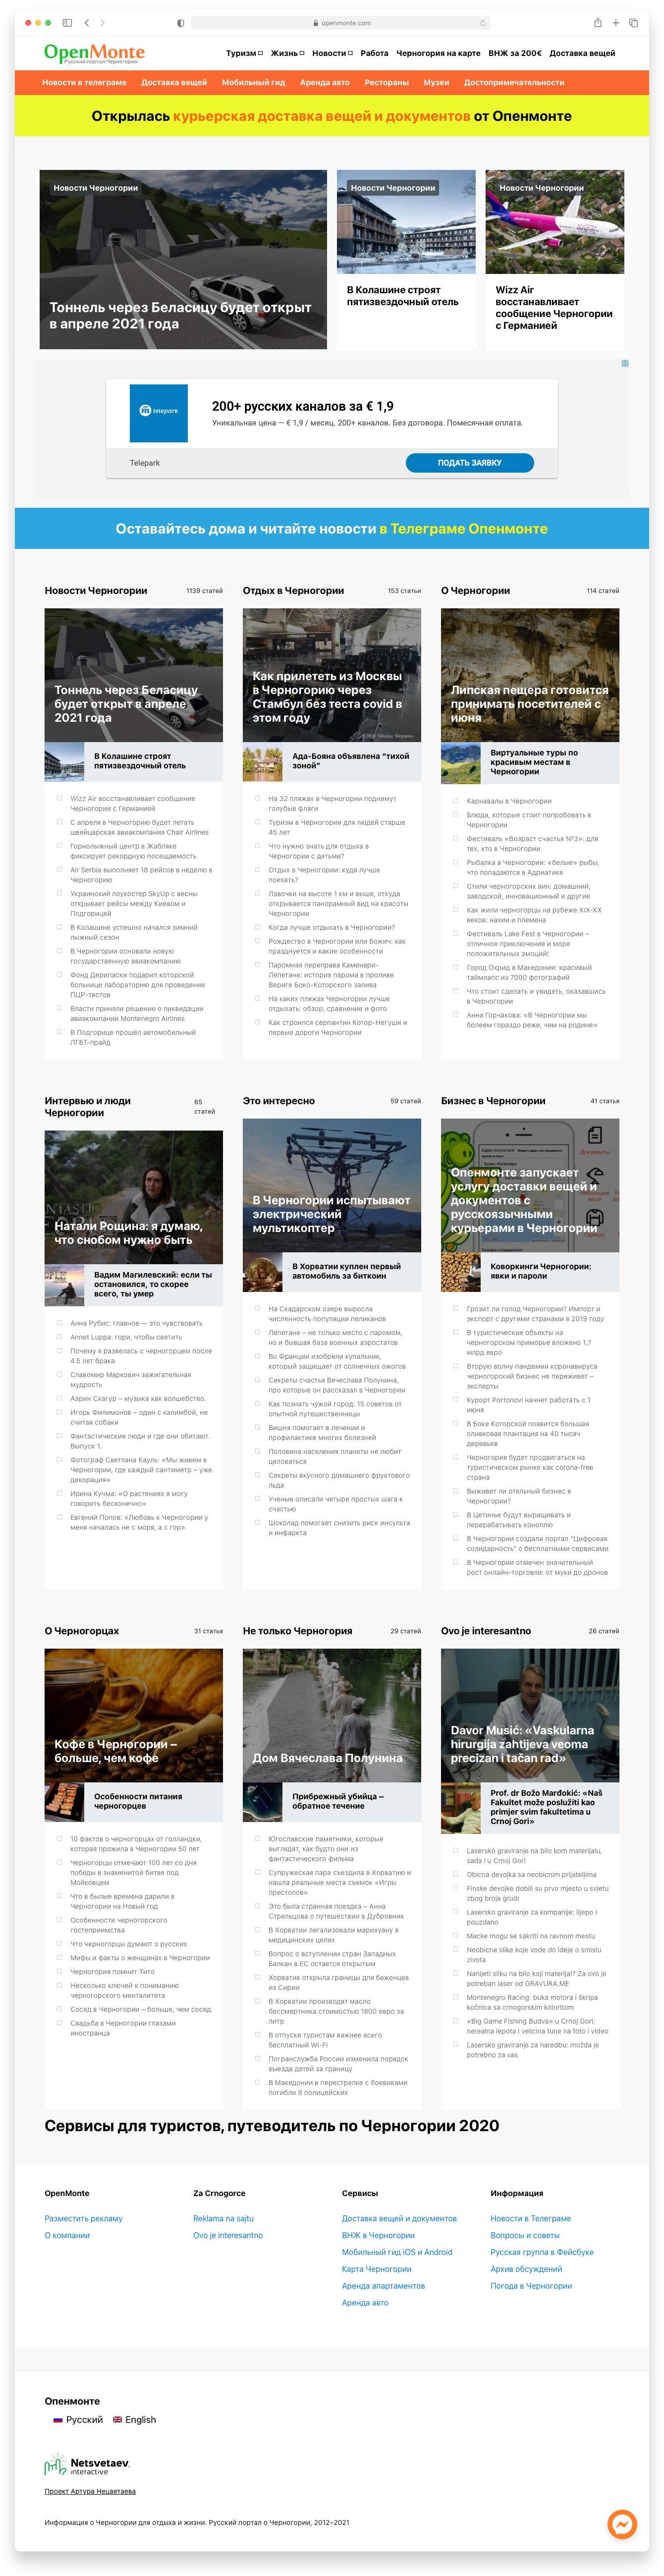 Туристический портал Опенмонте Сайт Артура Нецветаева — сайты, приложения, прототипы и оформление интерфейсов openmonte 2020 artur netsvetaev design